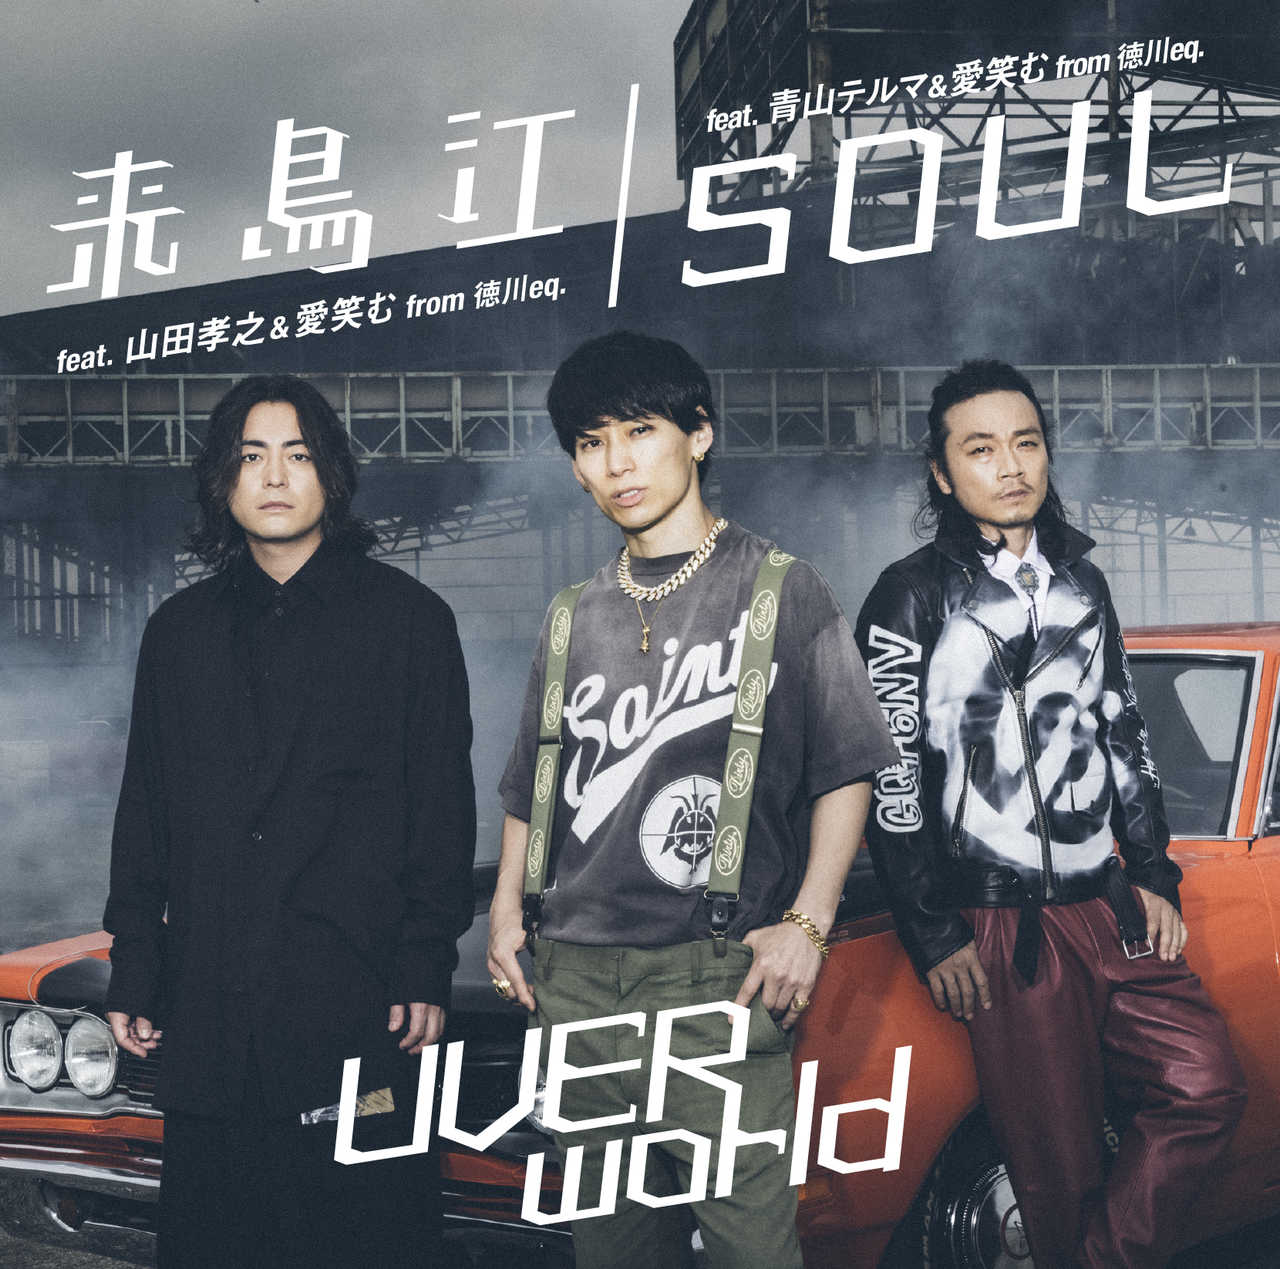 UVERworld 両A面コラボシングル『SOUL』のコラボは青山テルマとの異色タッグ! Mステ3時間半SPでは山田孝之と特別パフォーマンス!